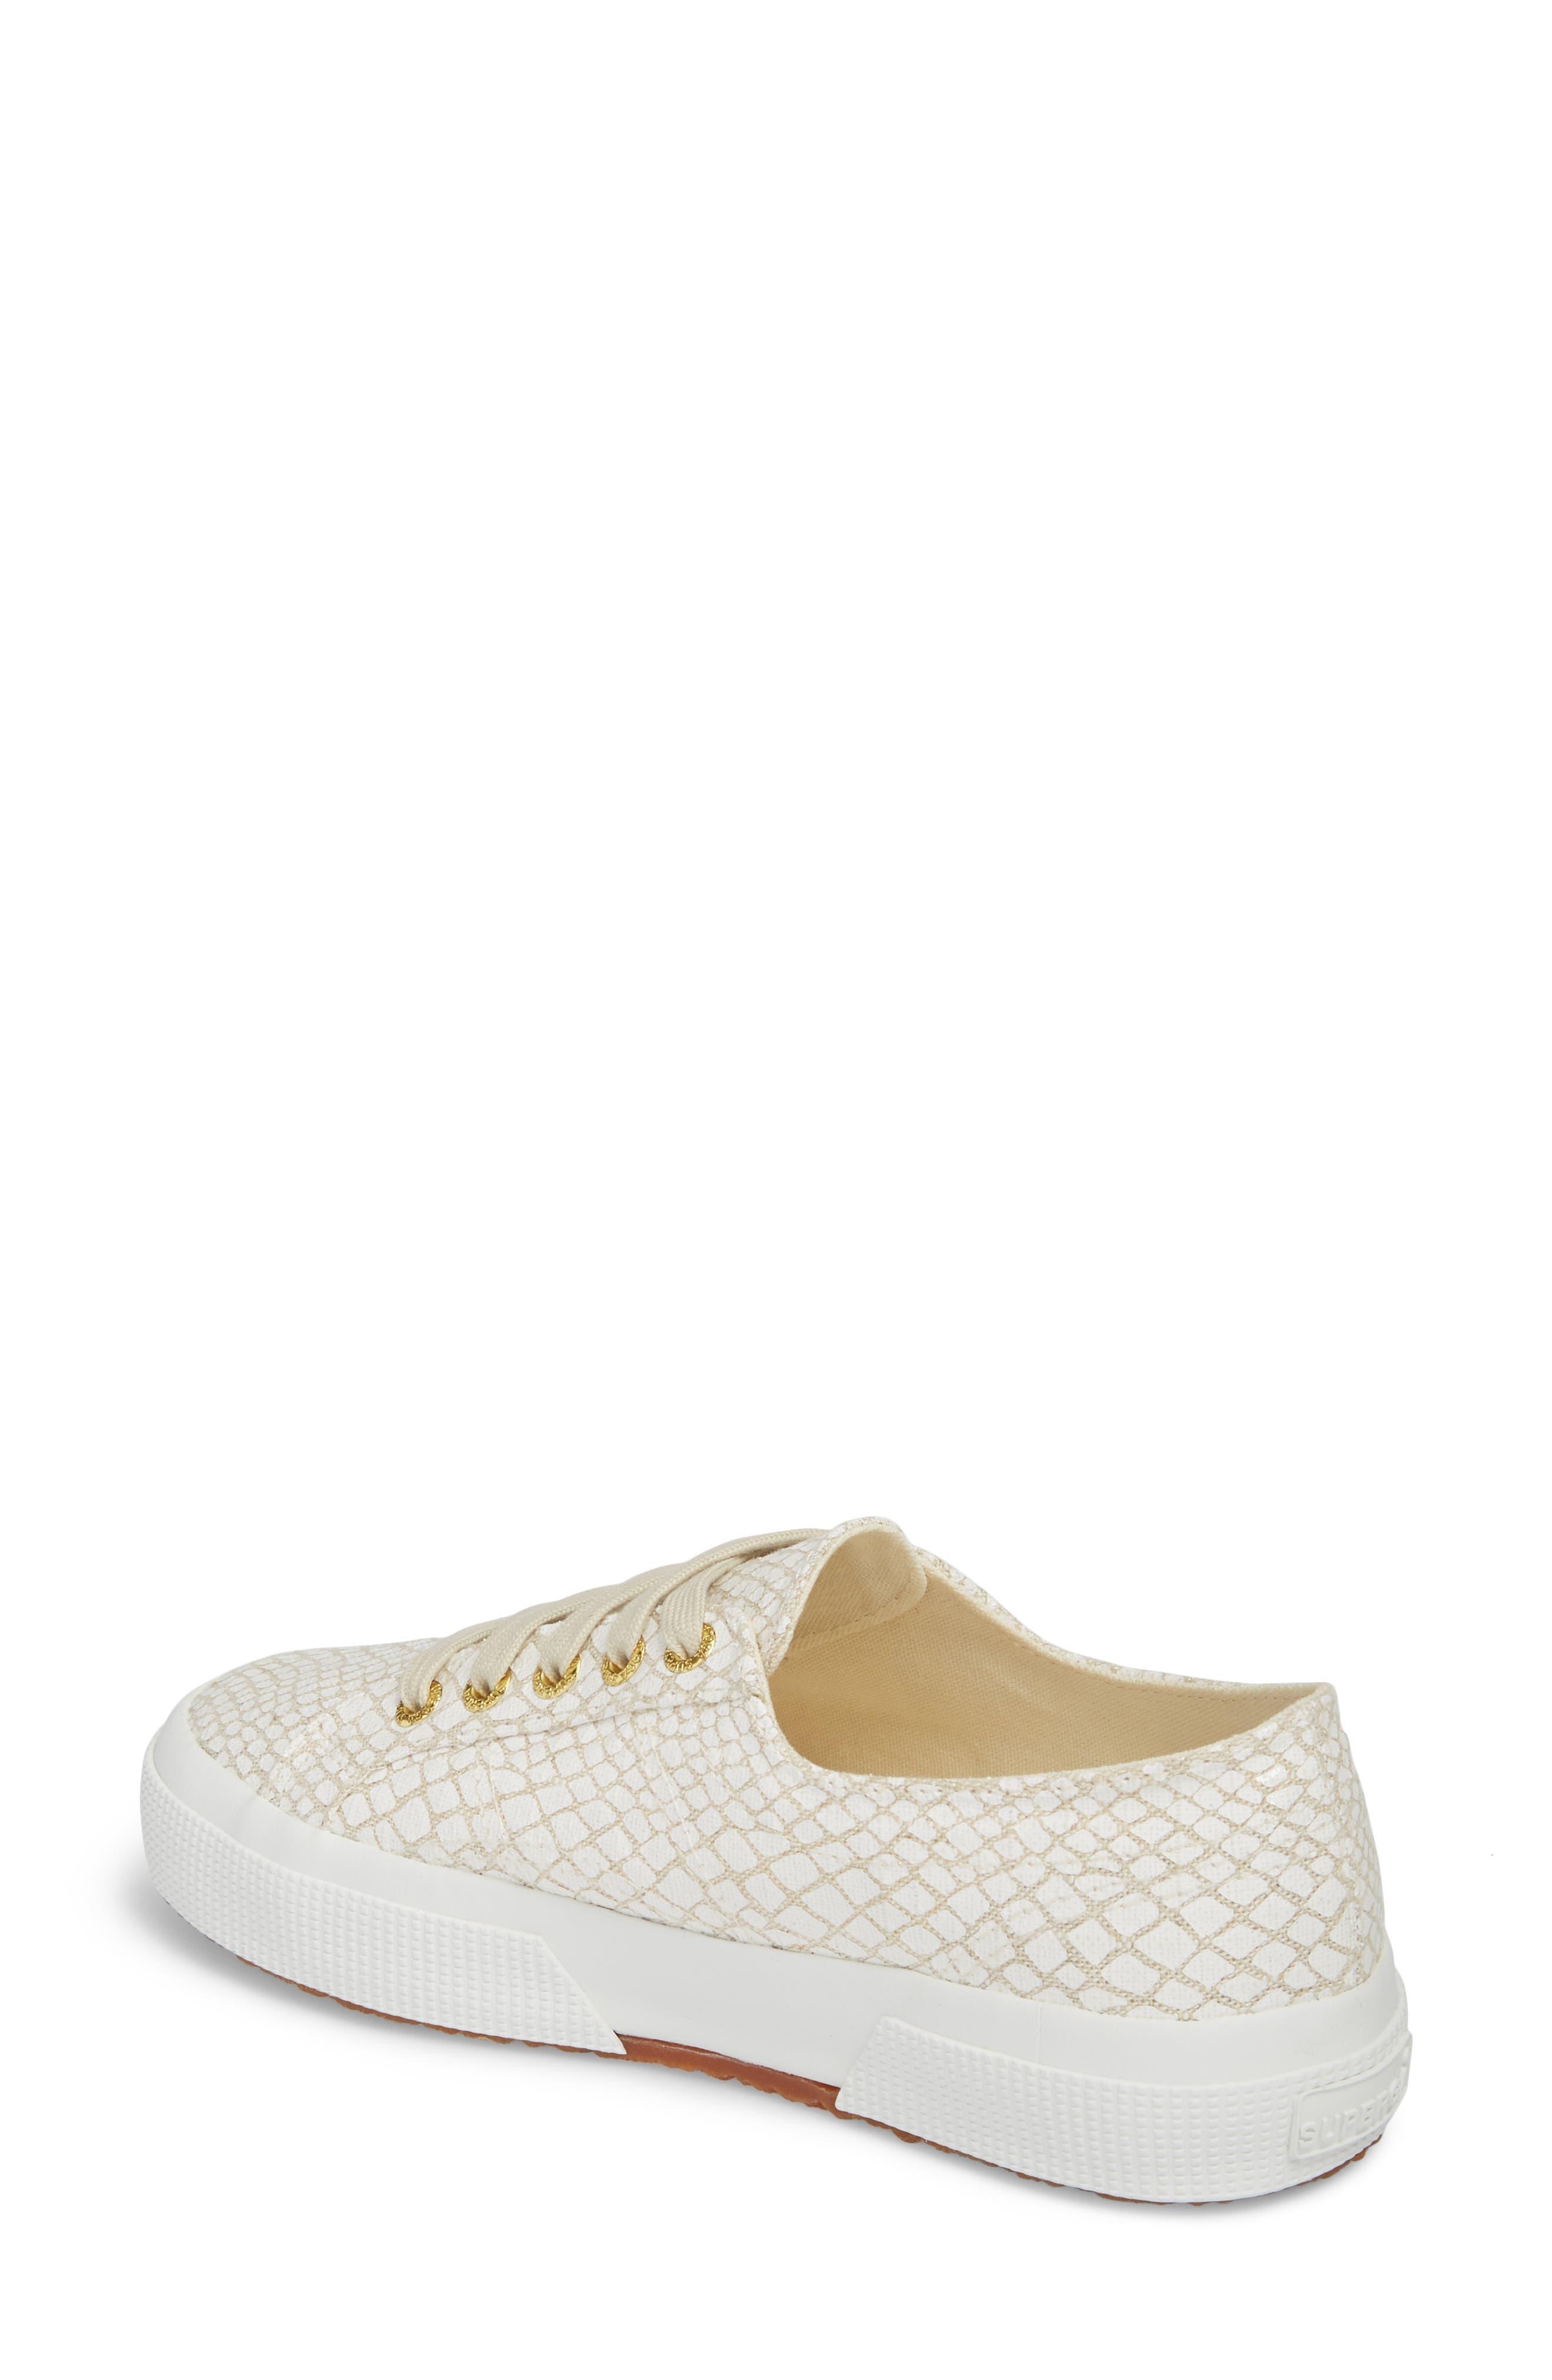 SUPERGA,                             2750 Low Top Sneaker,                             Alternate thumbnail 2, color,                             107